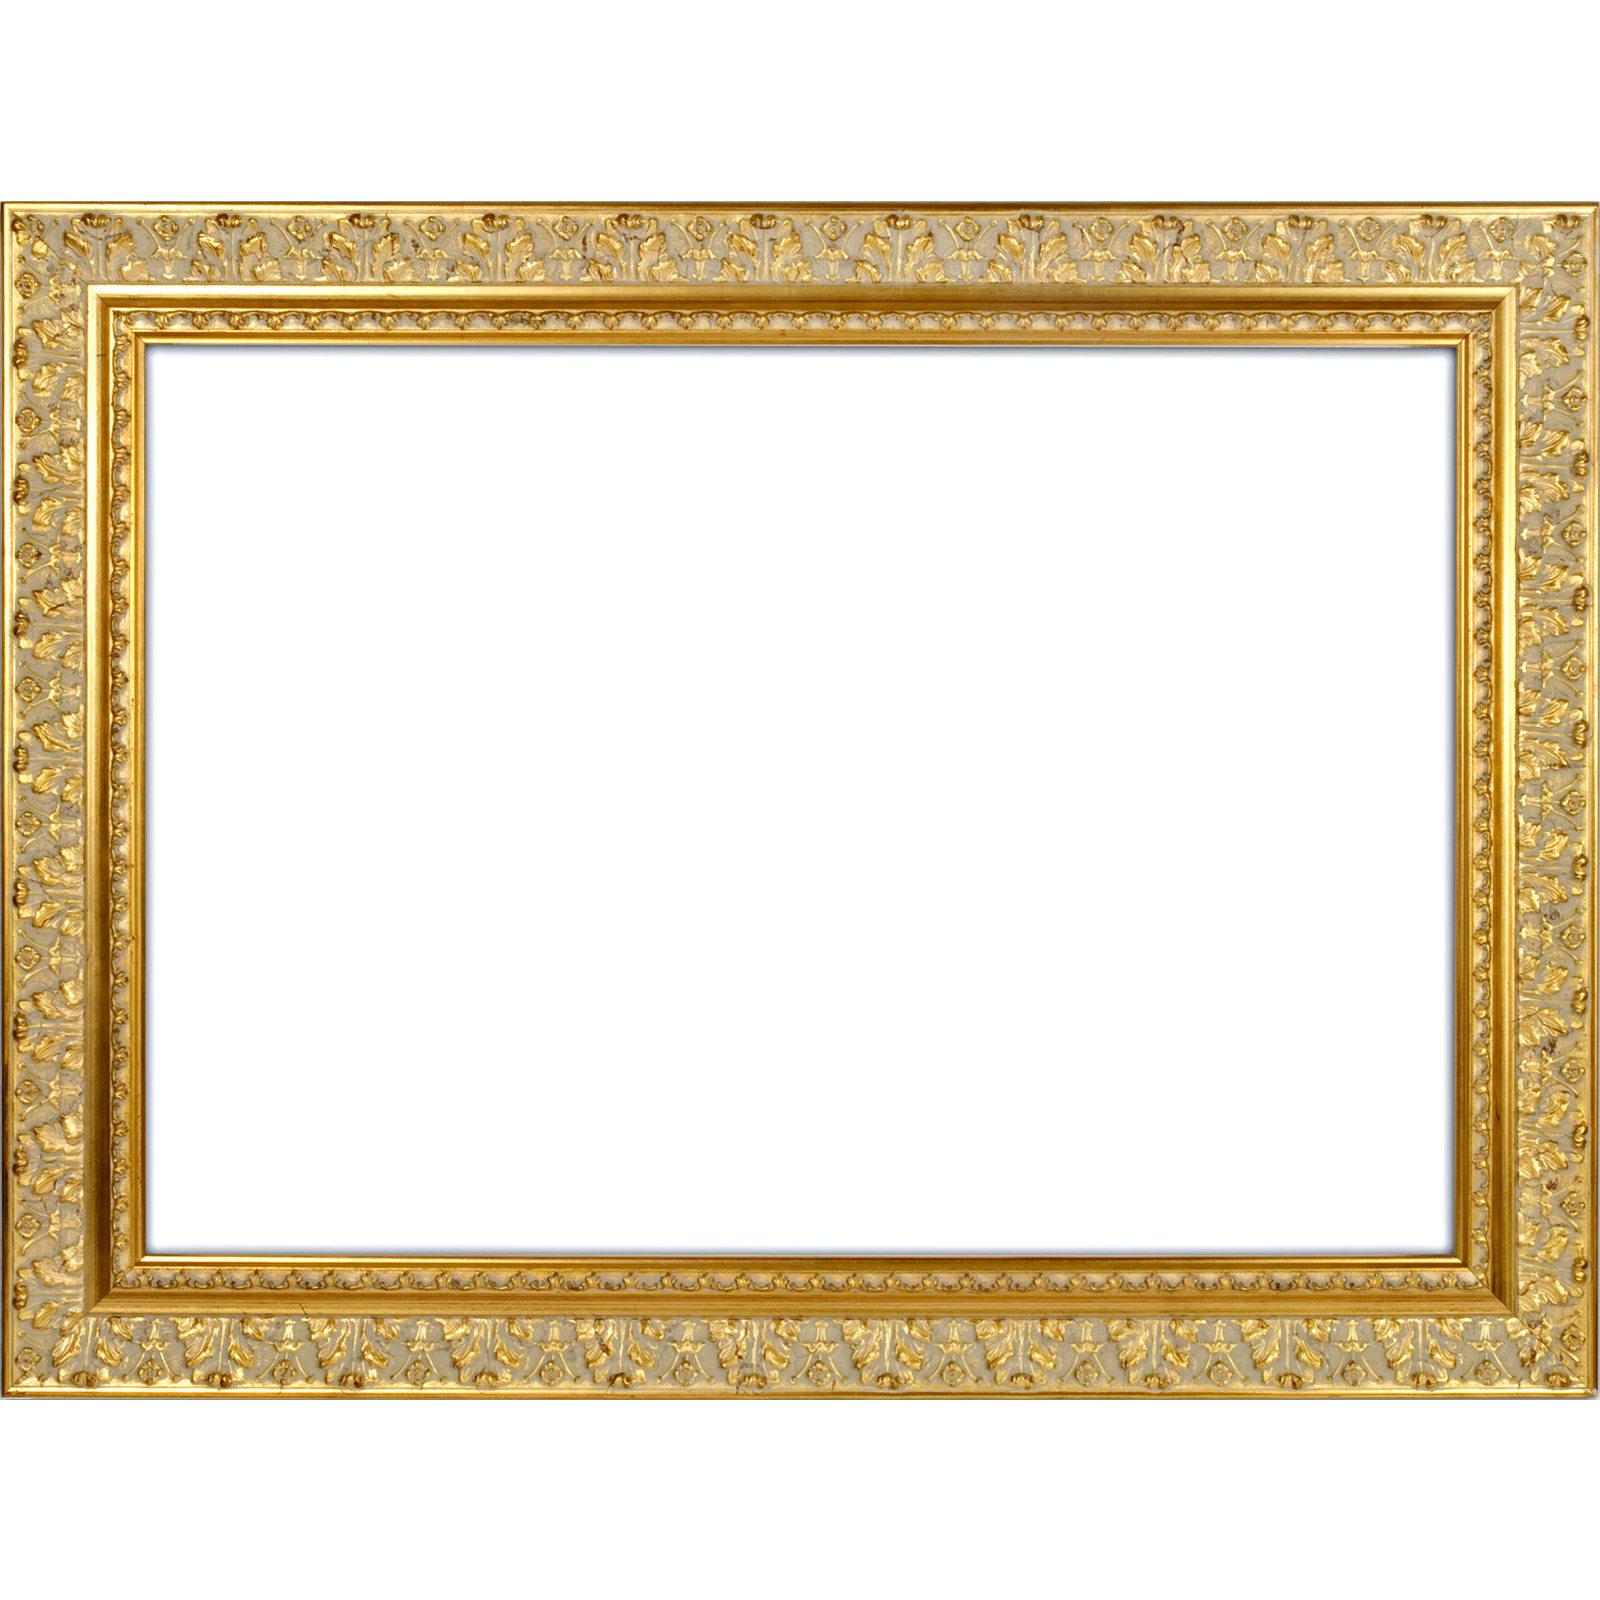 Baroque frame 933 gold, Golden baroqueframe different size | eBay